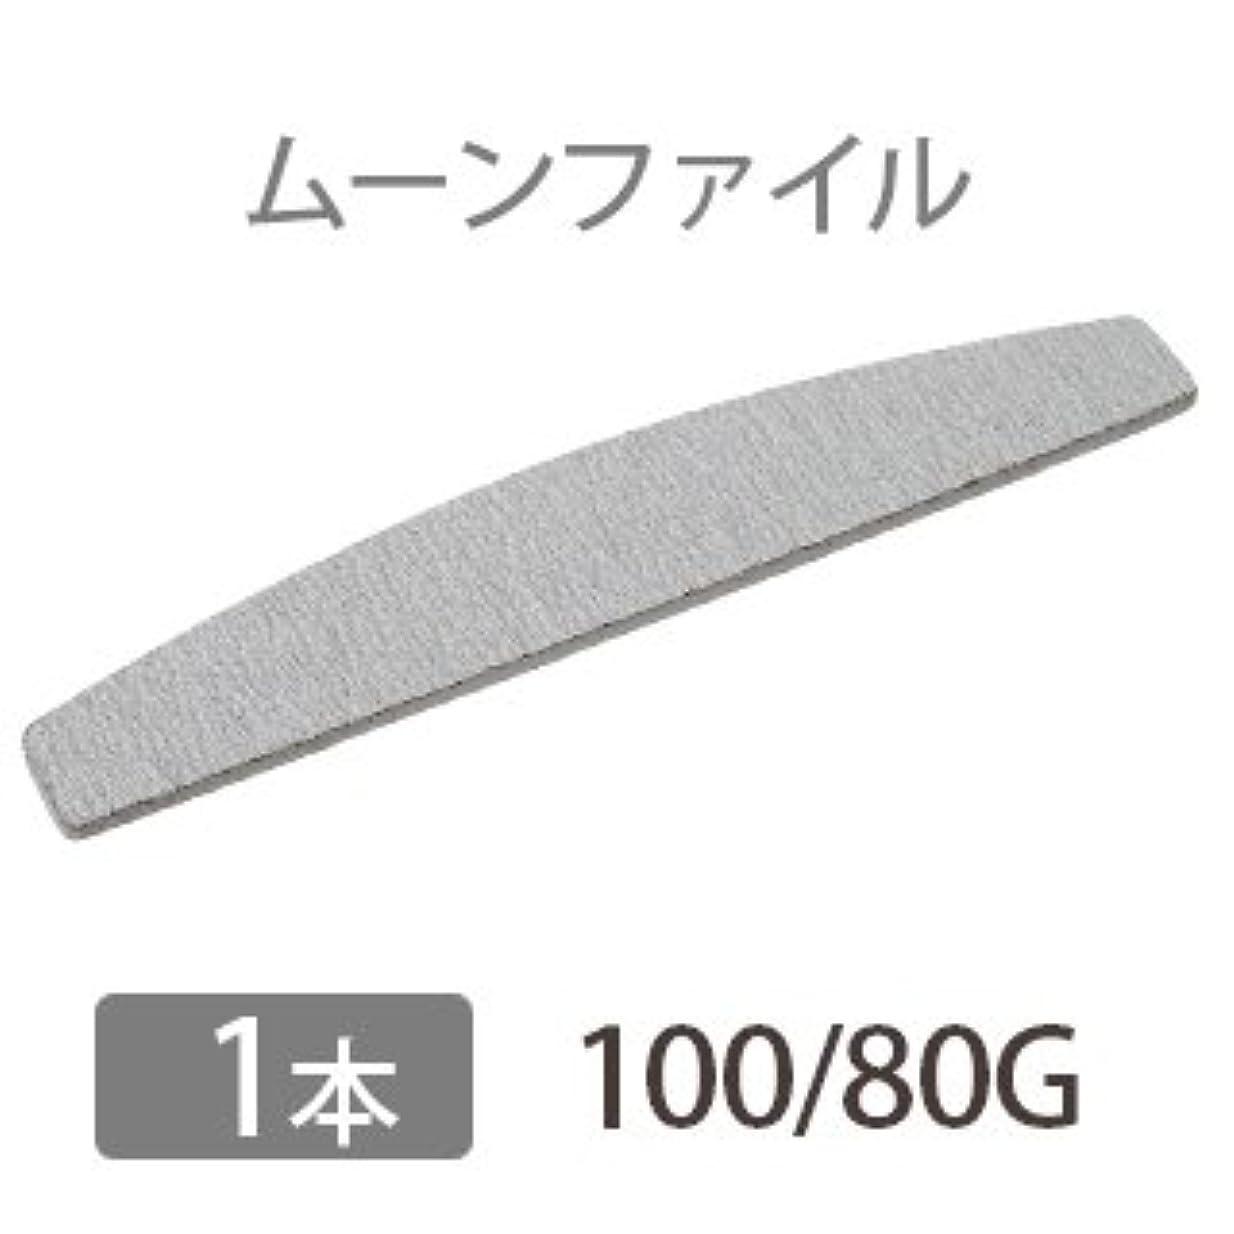 熟す扱いやすい虎ムーンファイル 100/80 【ネイル オフ ケア用品】